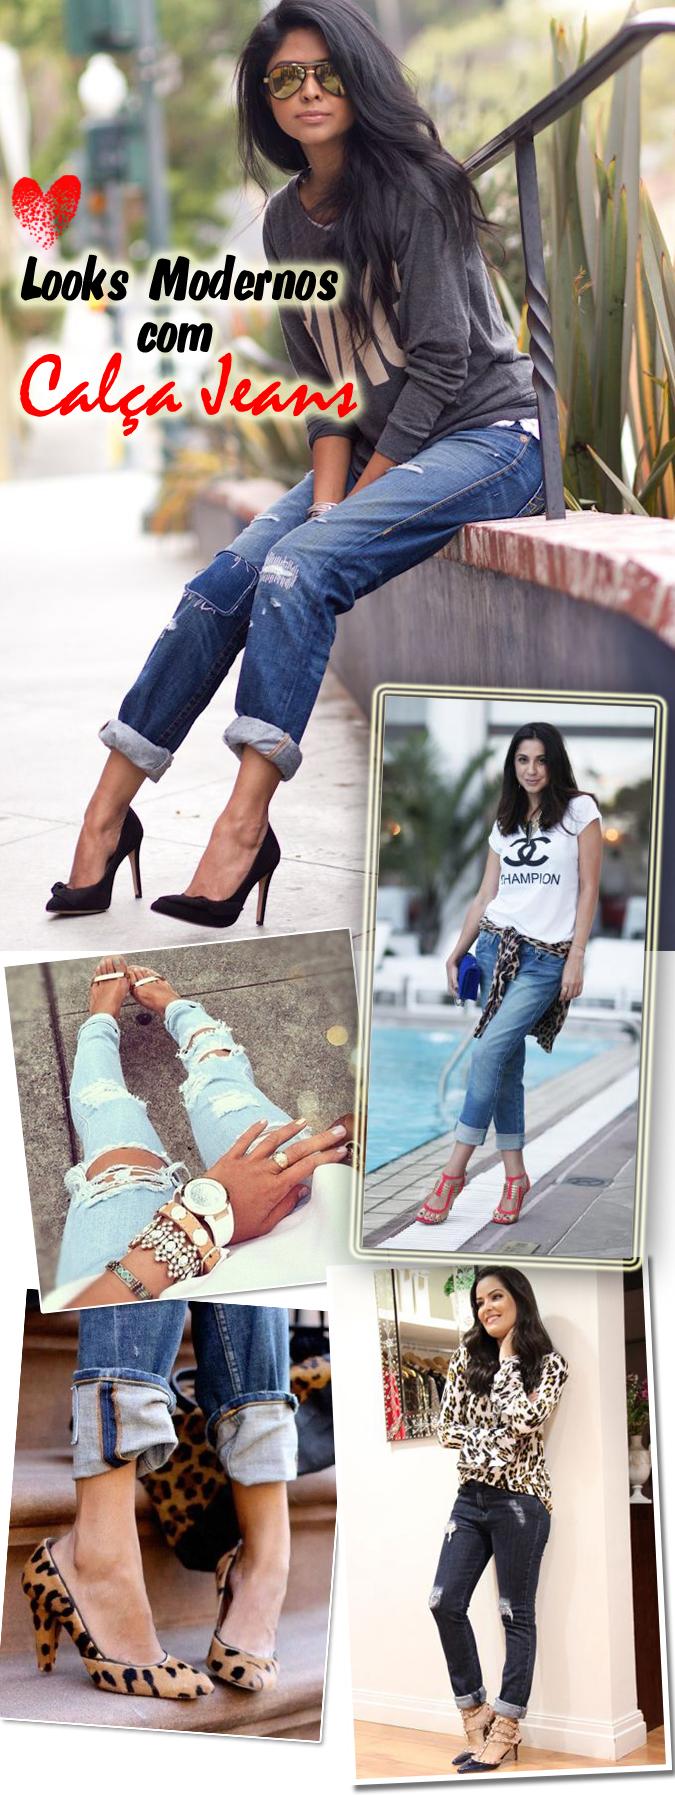 20140508-ideias-de-looks-modernos-com-calca-jeans-copy